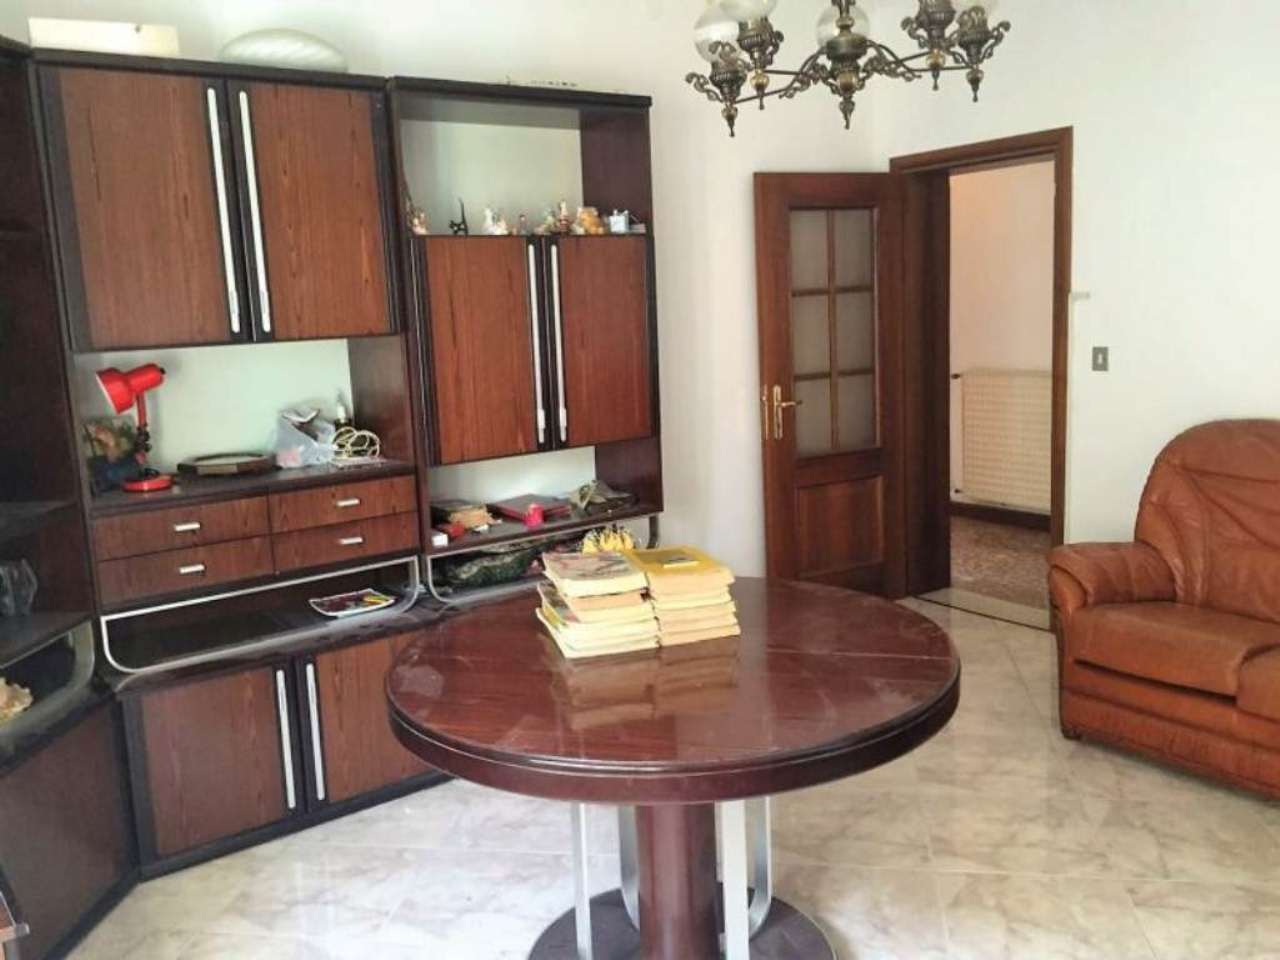 Appartamento in vendita a Venezia, 5 locali, zona Zona: 11 . Mestre, prezzo € 129.000 | Cambio Casa.it